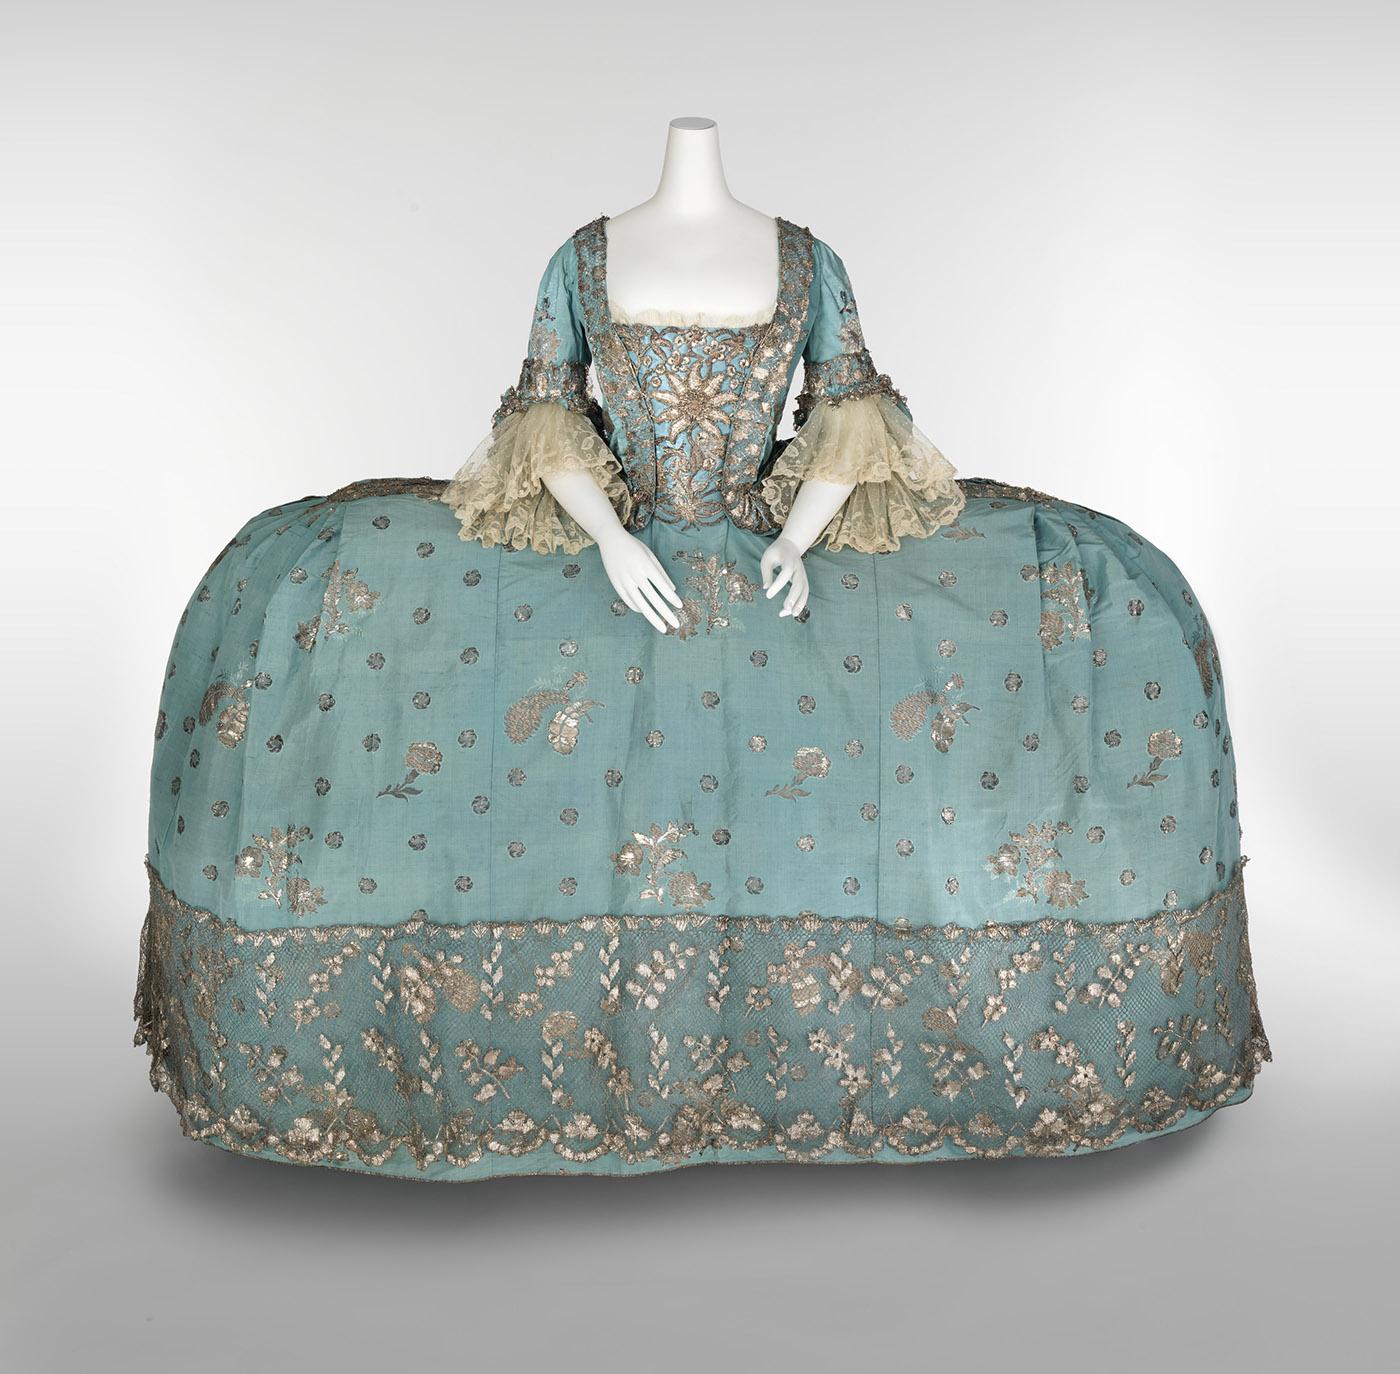 Vestido de corte. Siglo XVIII. Museo Victoria y Alberto. Londres.